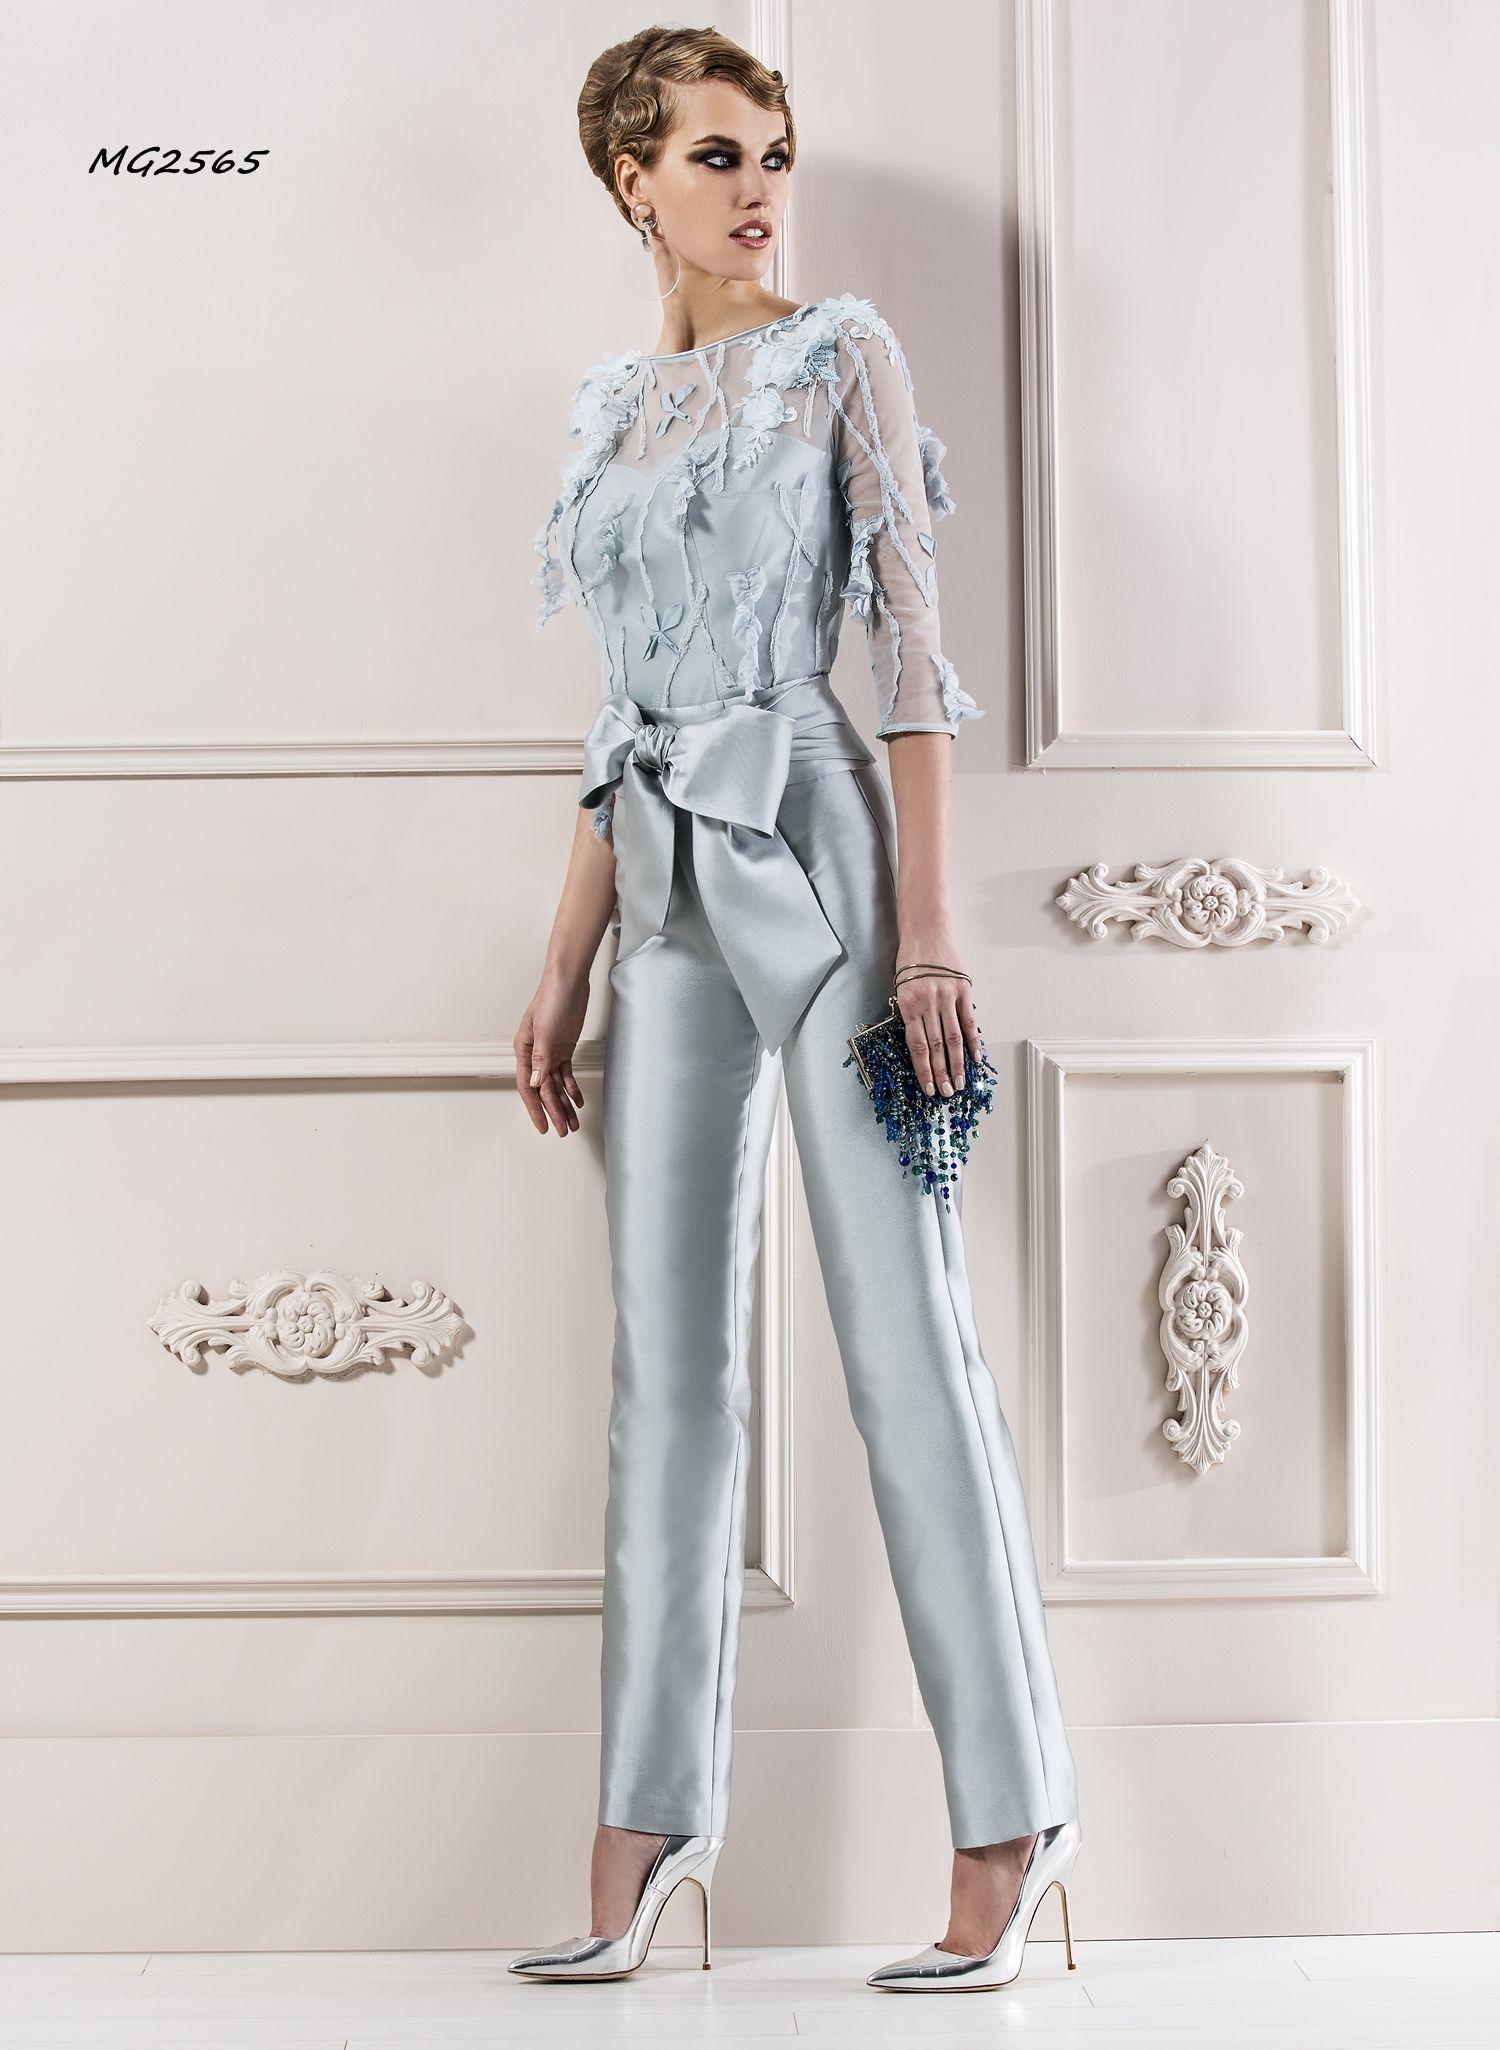 Resultado De Imagen Para Vestidos De Noche De Pantalon Para Mujer Trajes Pantalon Mujer Fiesta Trajes Elegantes Ropa Elegante